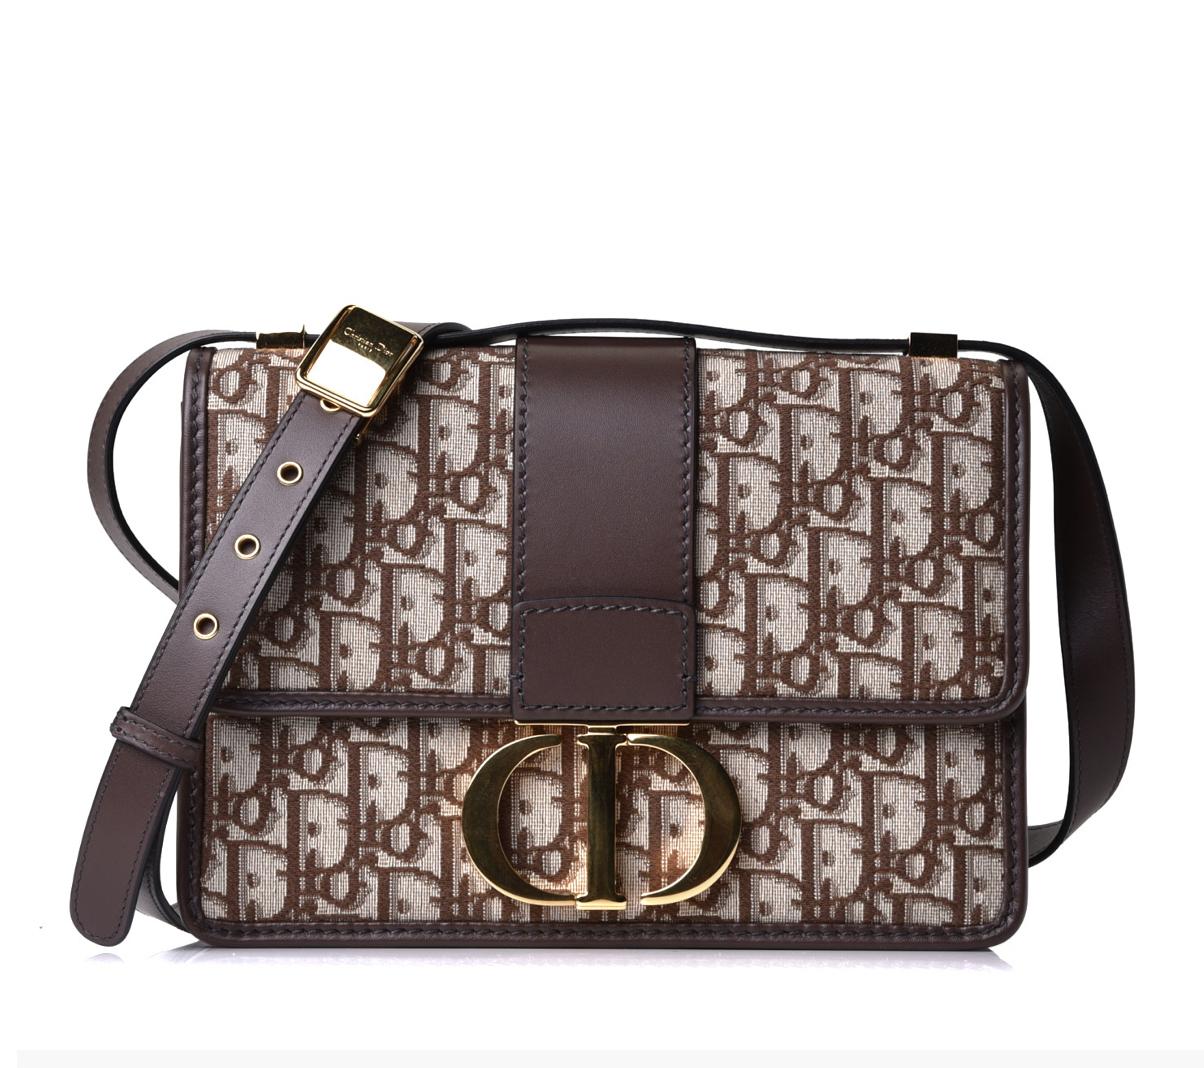 Christian Dior Monogram Bag